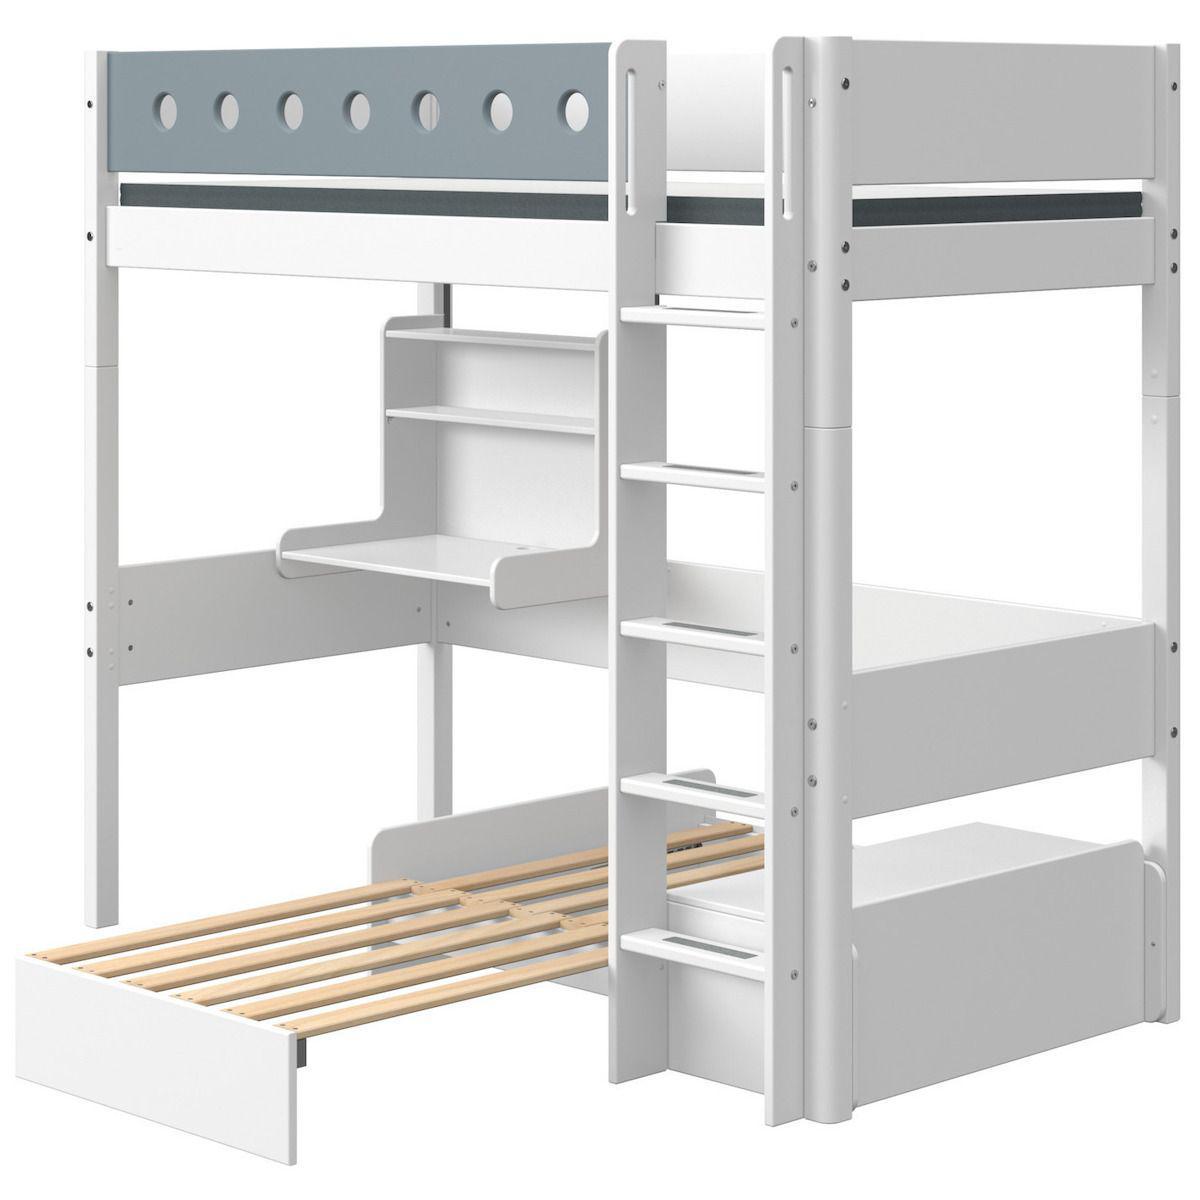 Cama alta 90x200cm escalera recta-módulo casa-escritorio clic WHITE Flexa blanco-azul claro